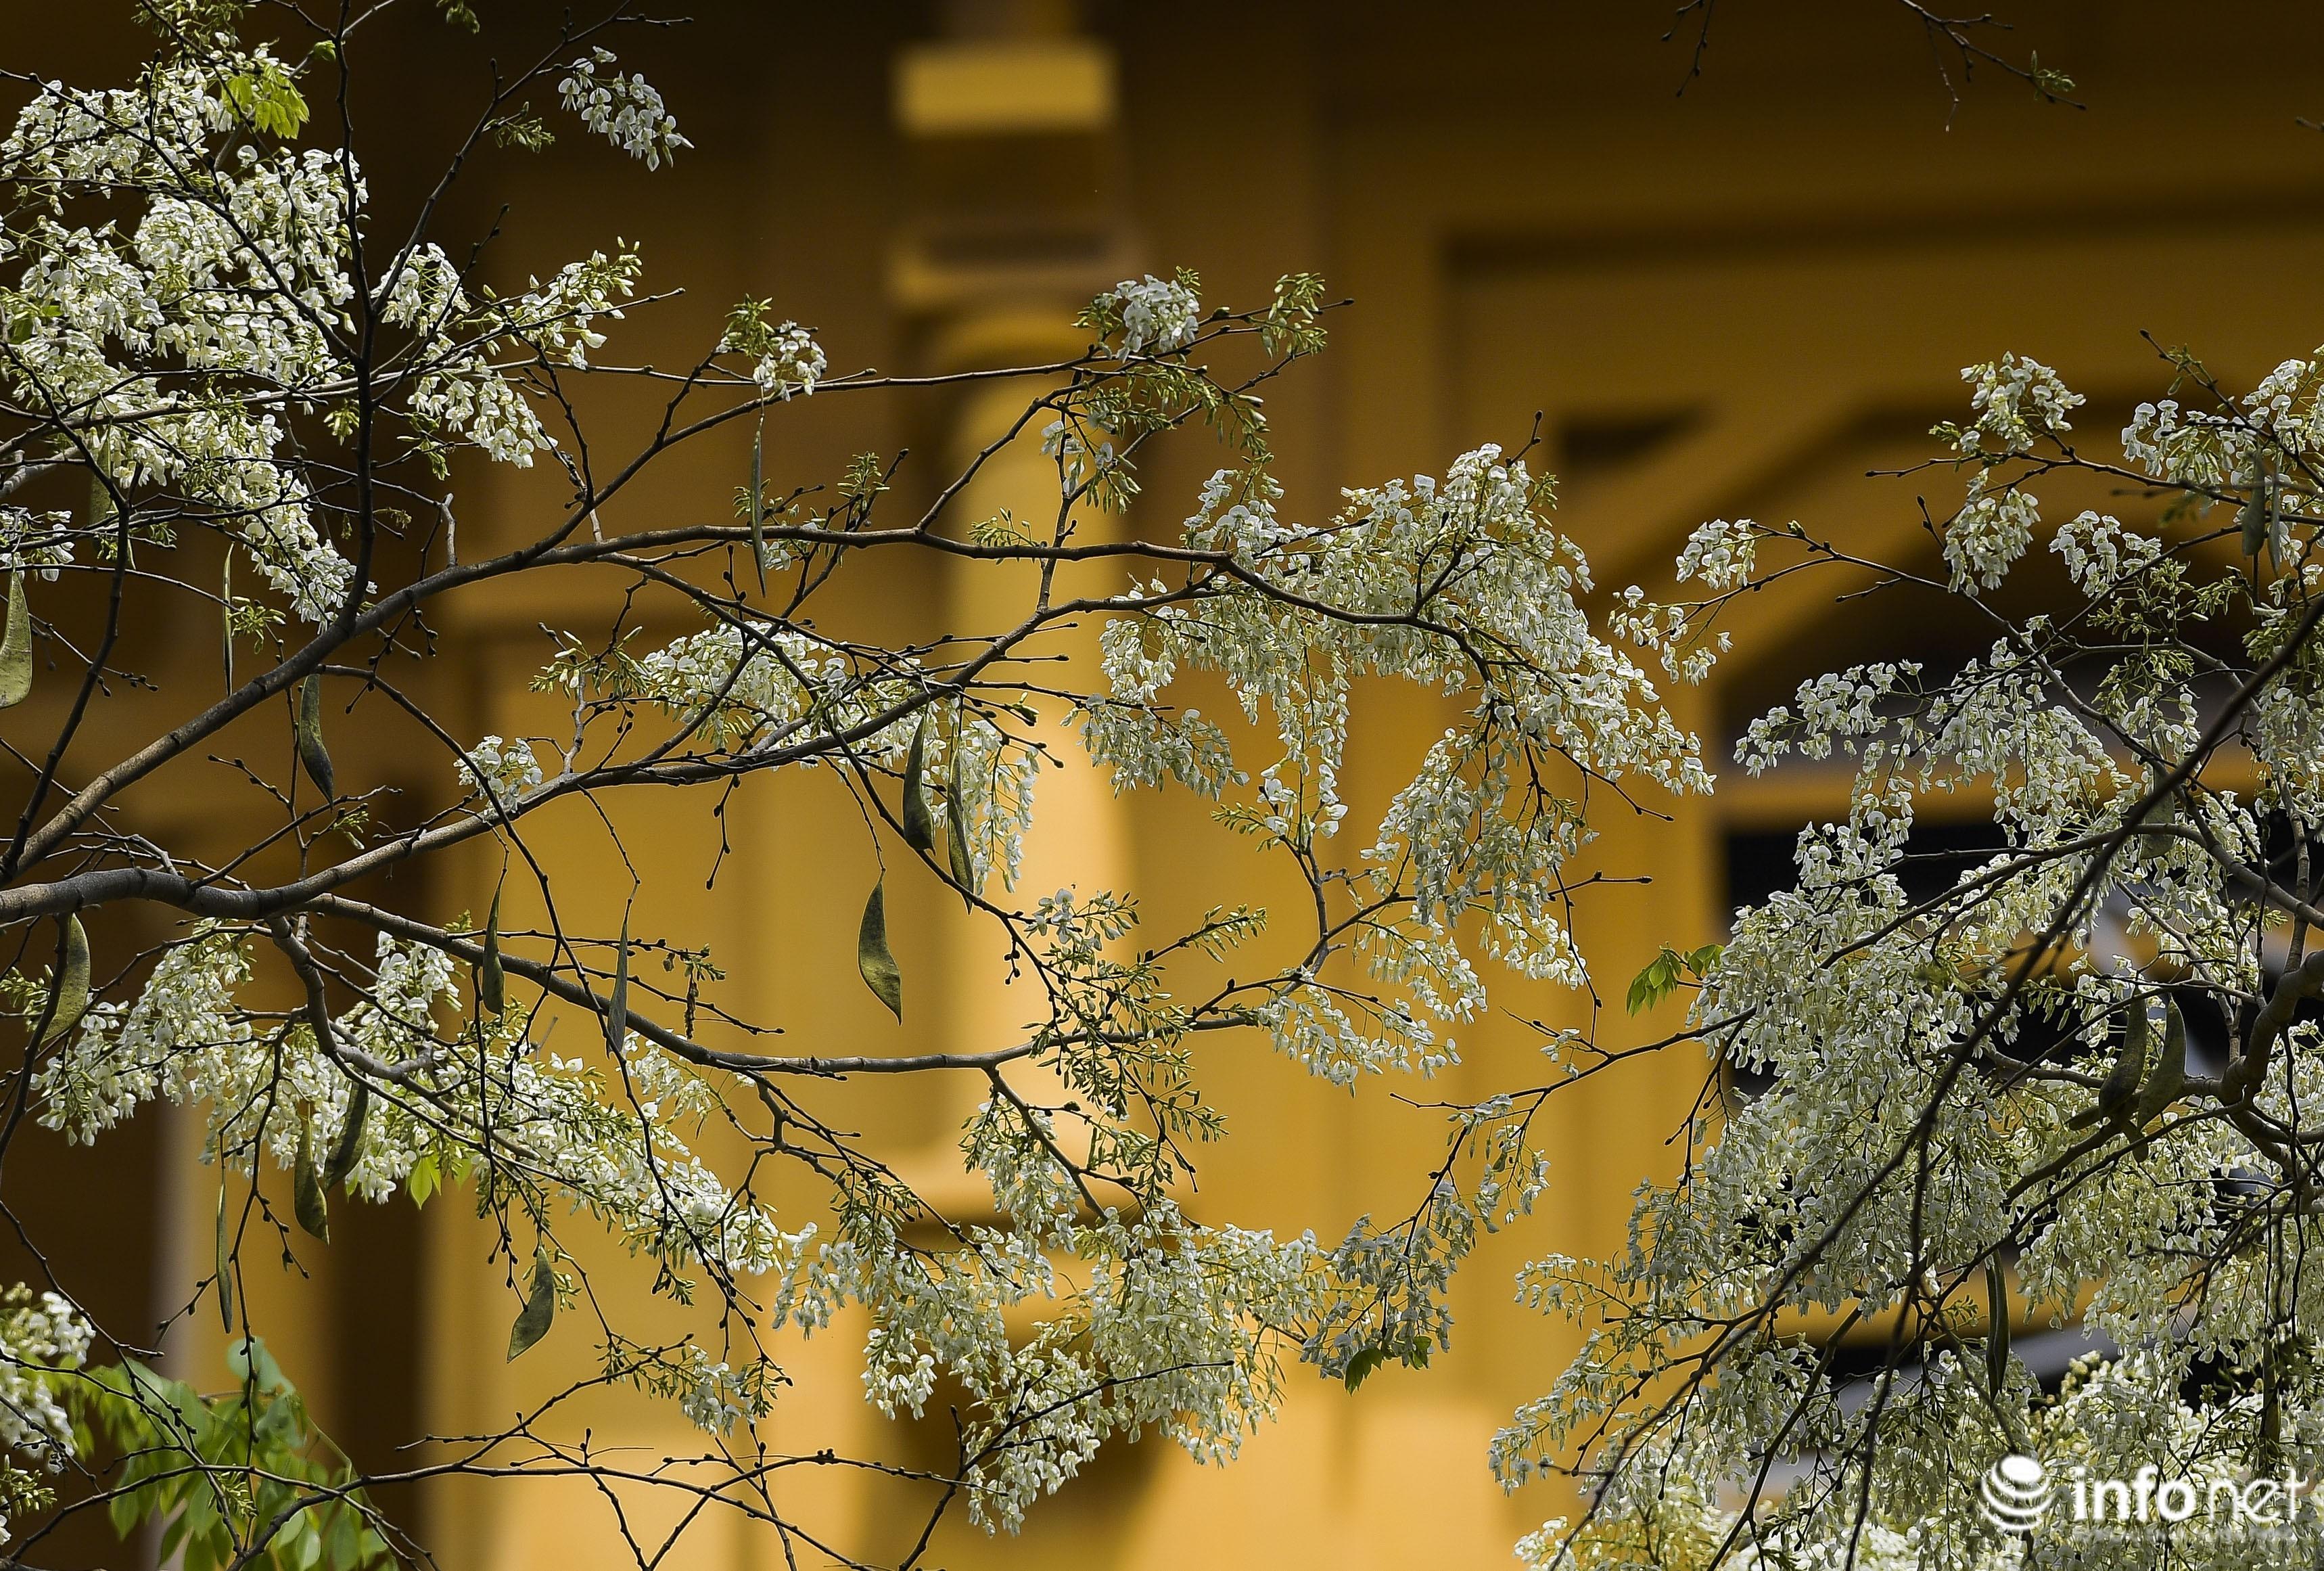 Ngắm hoa sưa nở trắng phố phường Hà Nội Ảnh 17